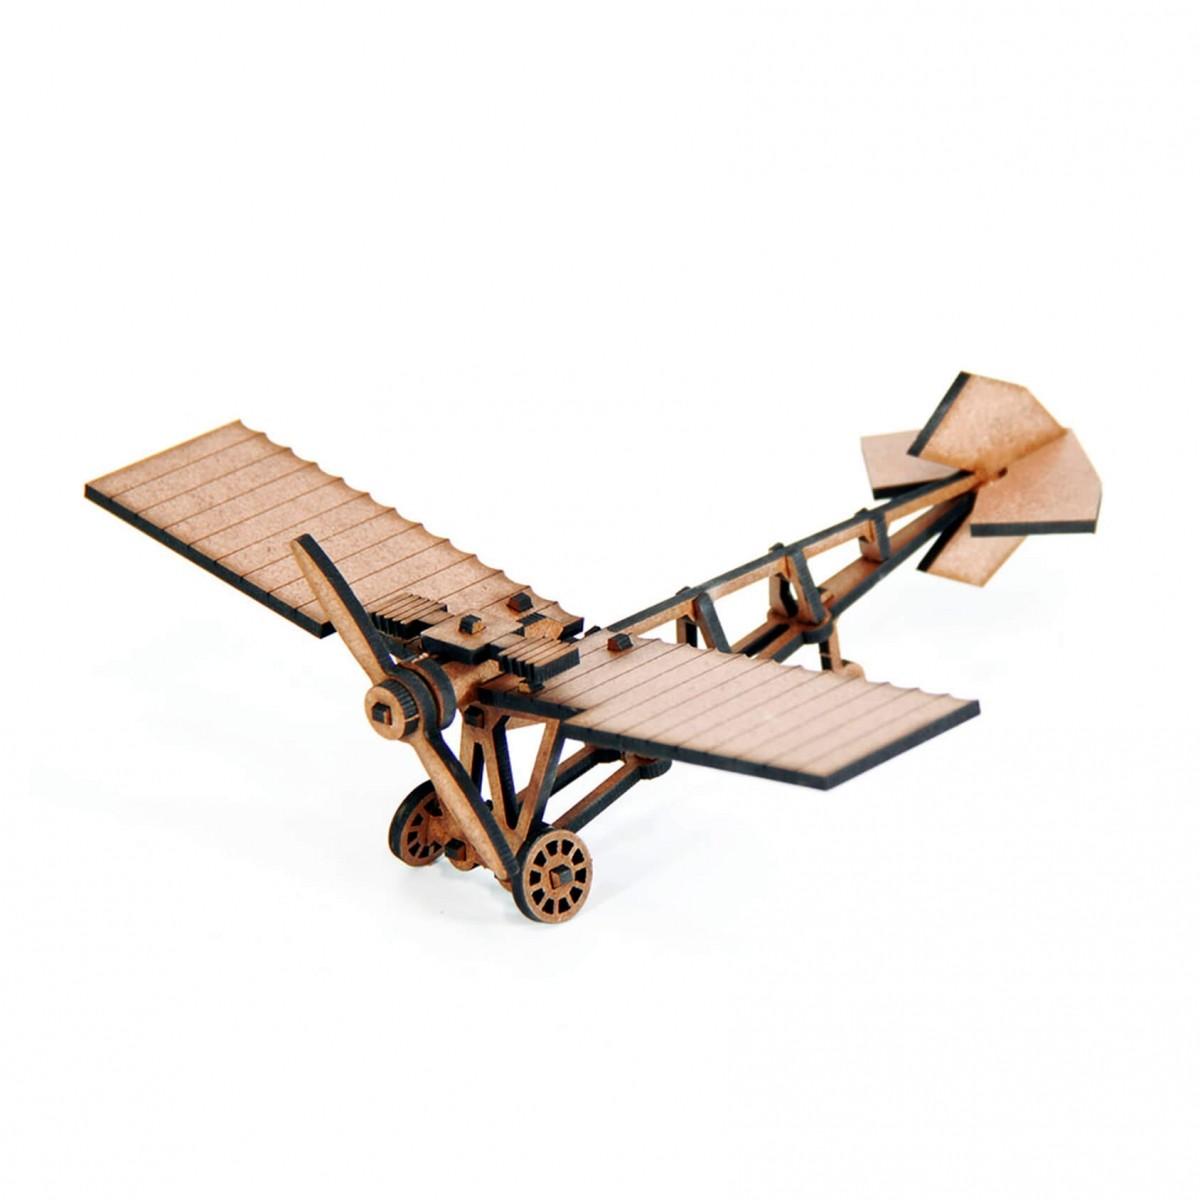 Miniatura para montar Demoiselle (Cutz)